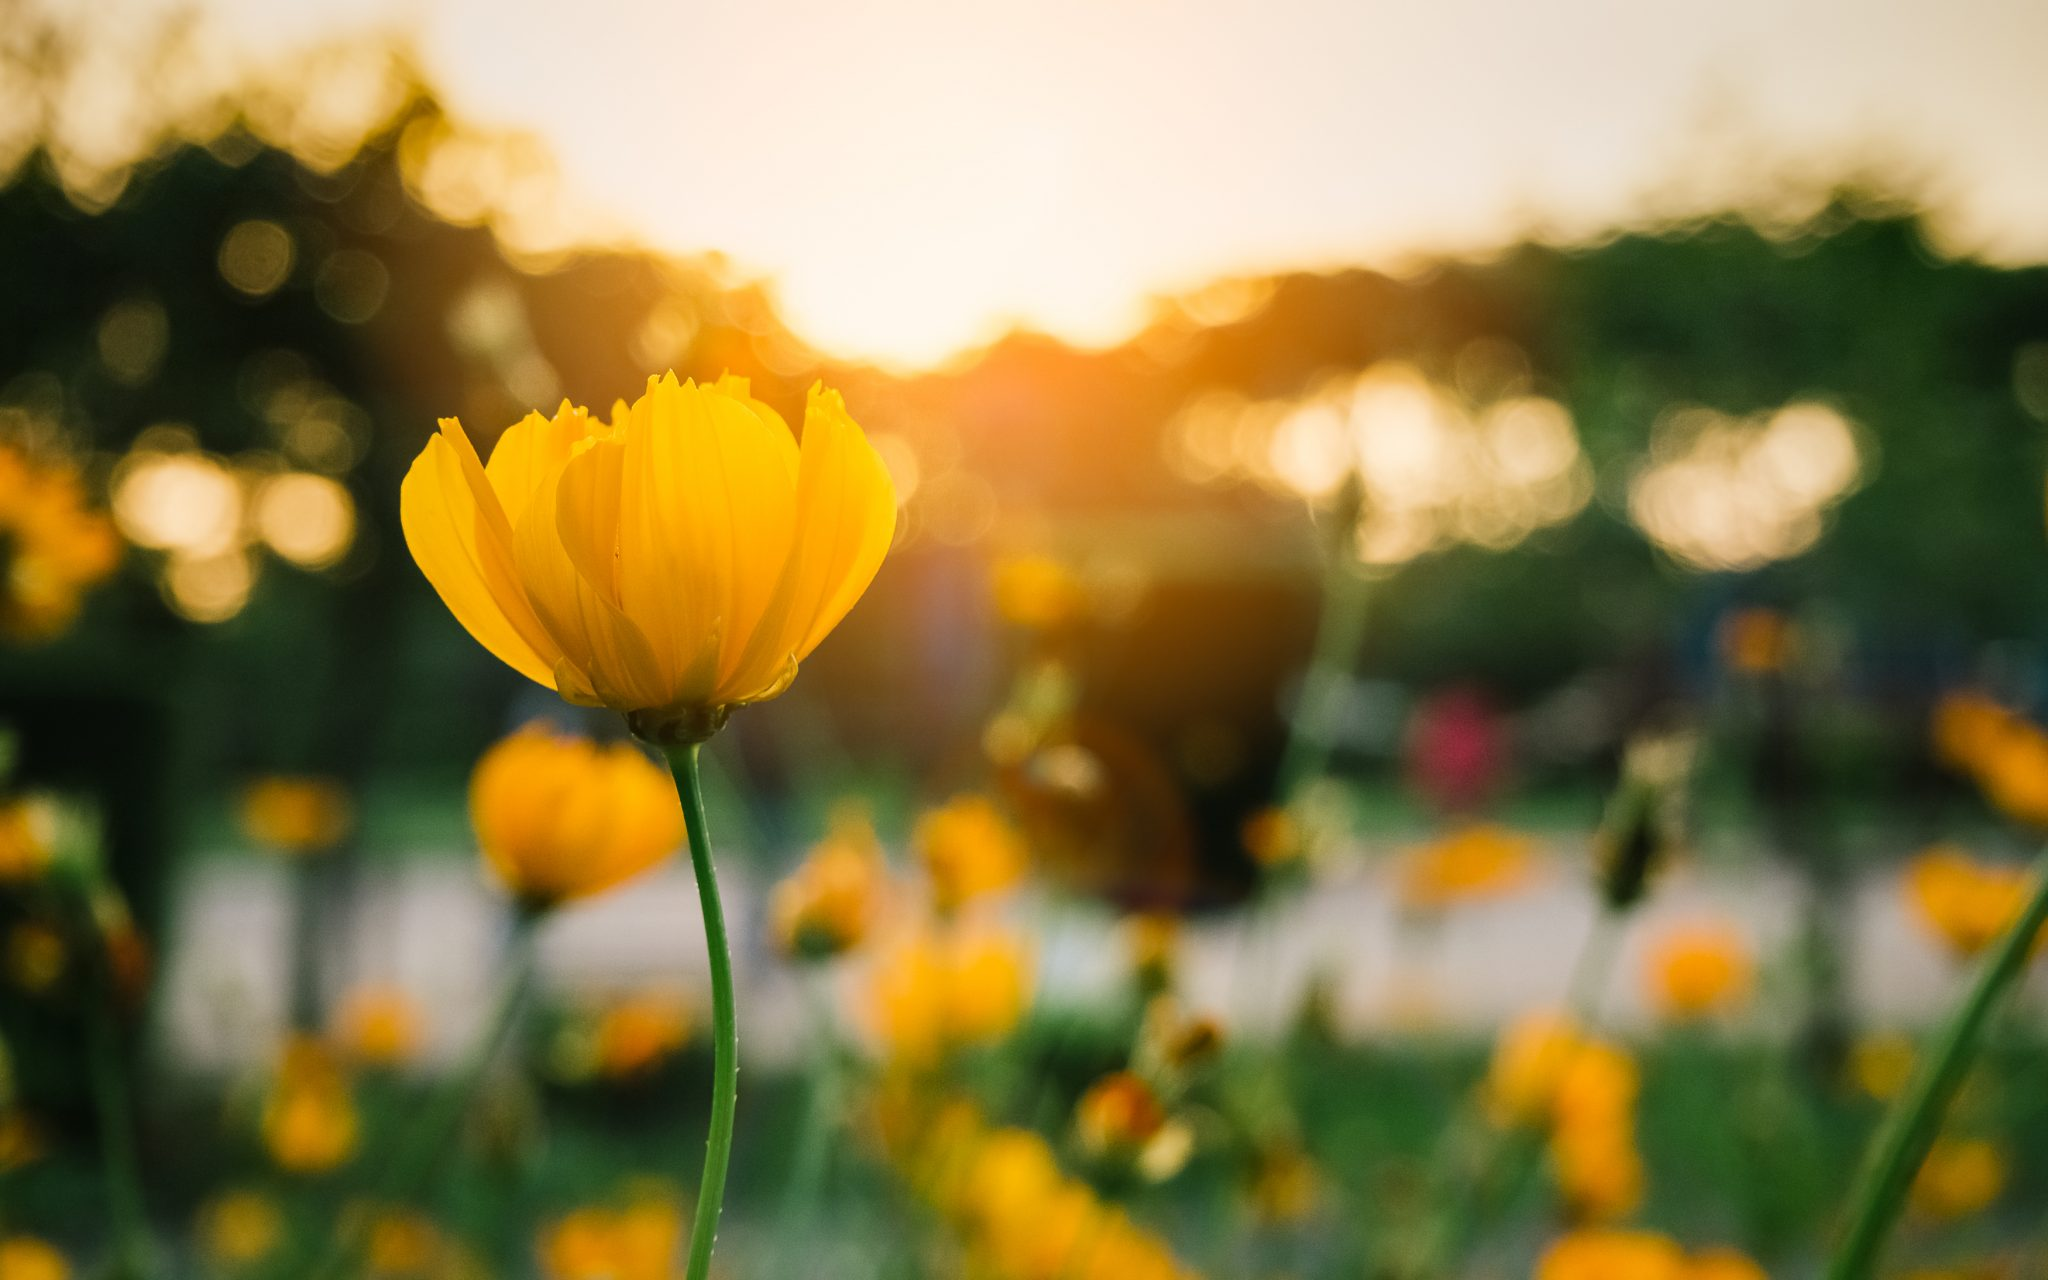 水をあげてもすぐに花は咲かない